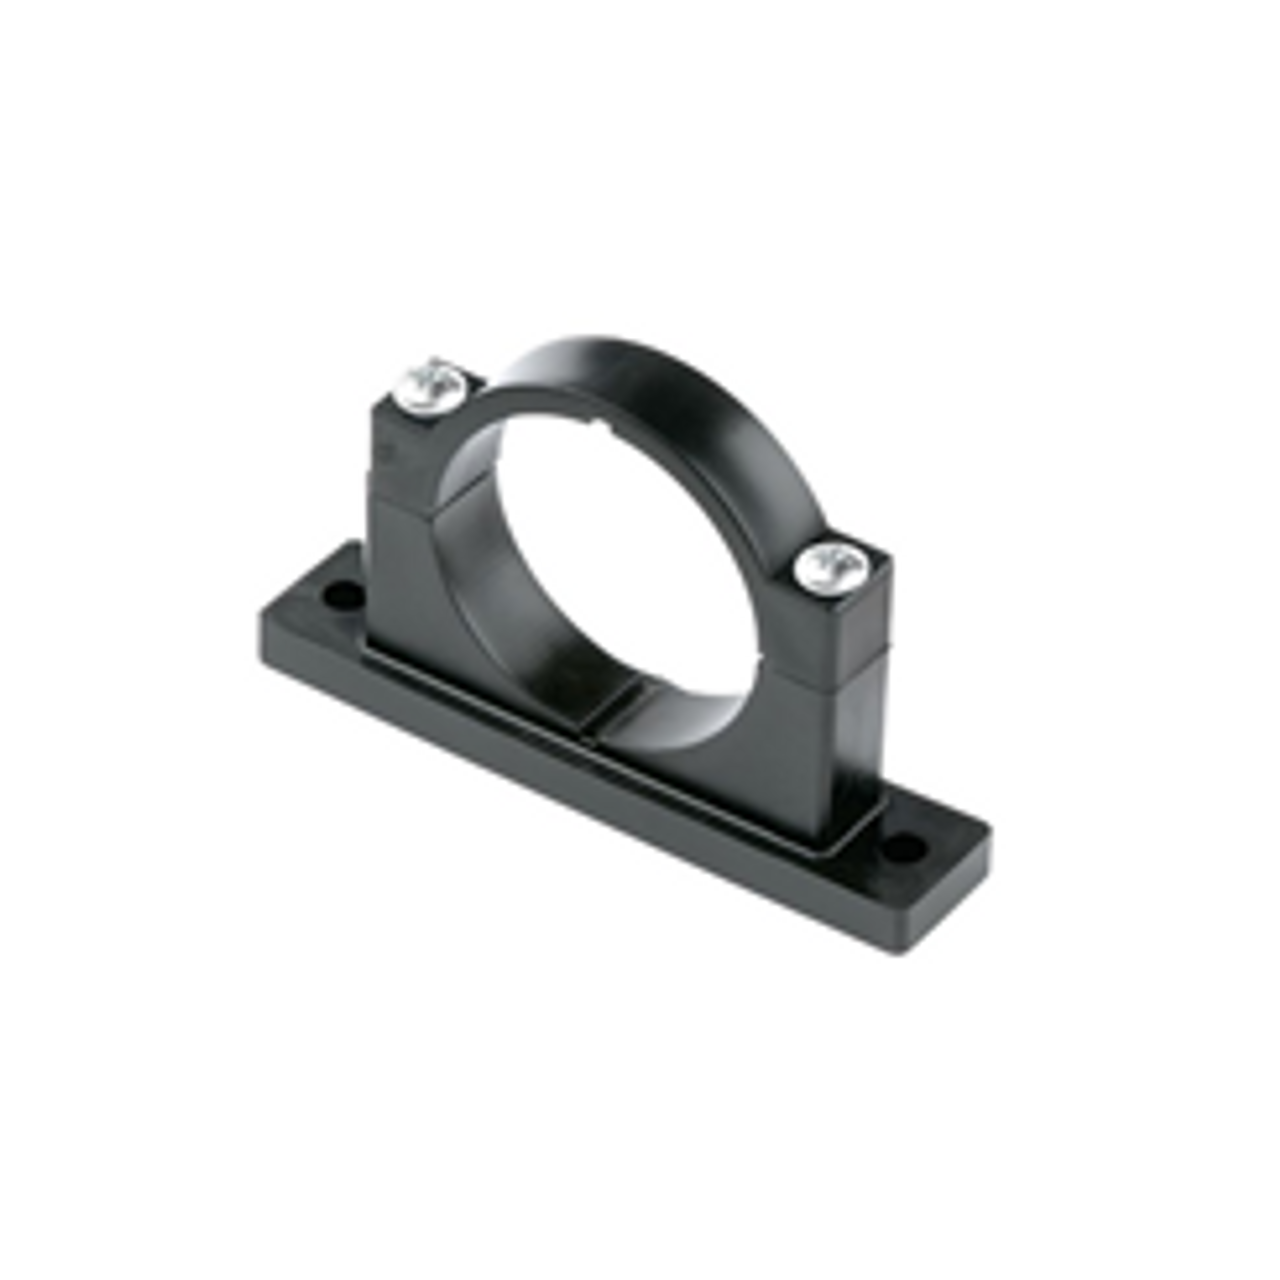 Single Side Mount Kit for Mani 1181-18